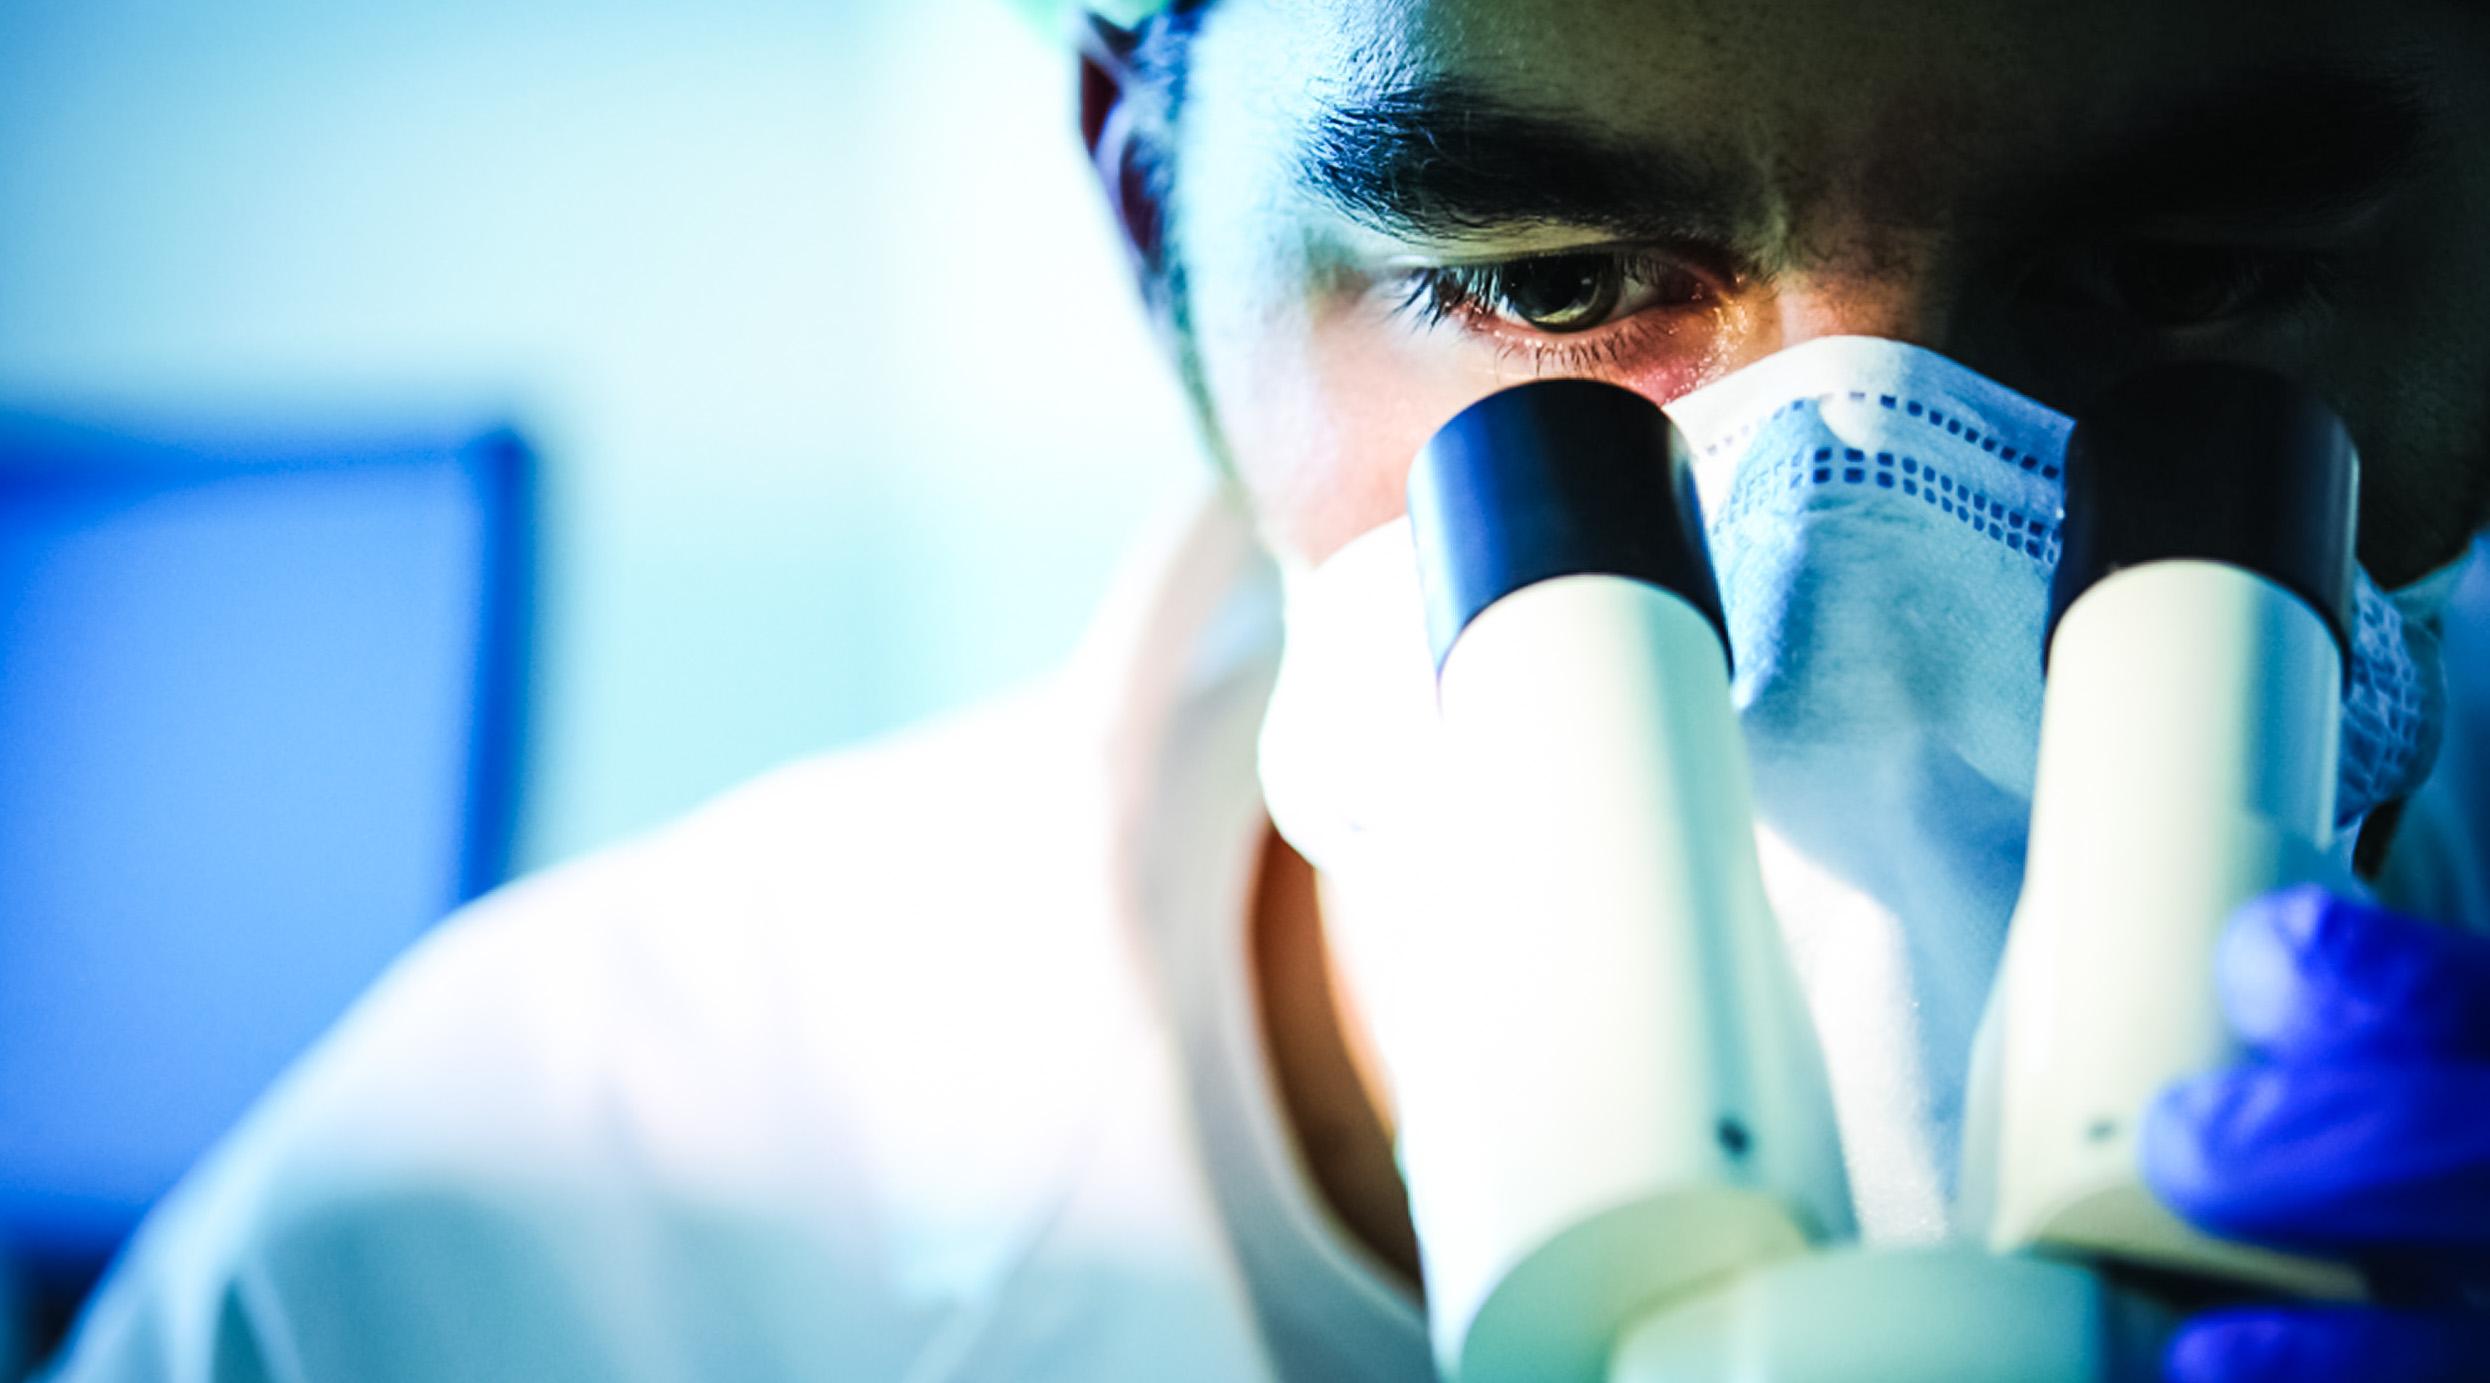 микроскопия мазка при уретрите